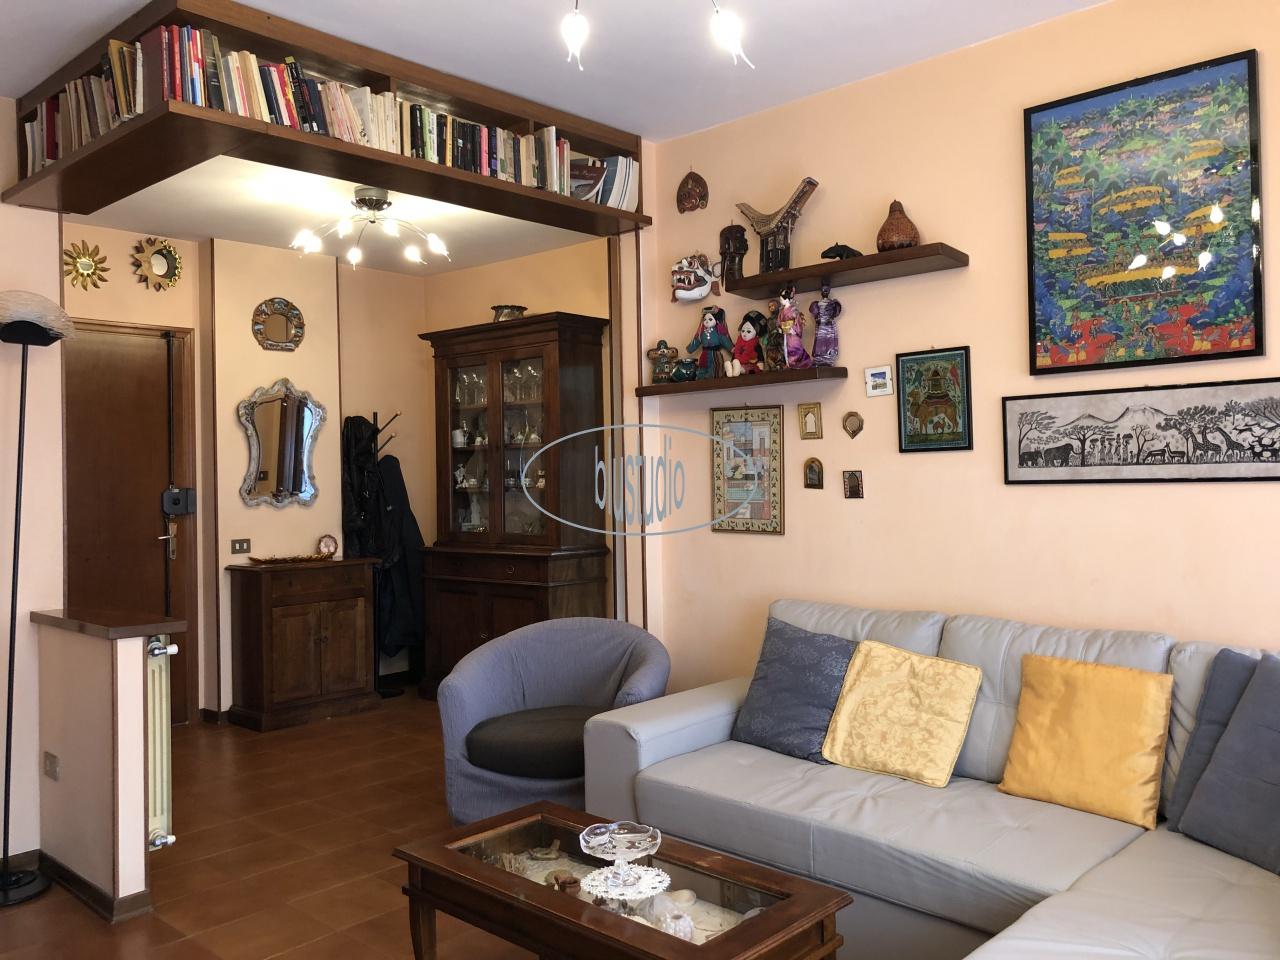 Appartamento in vendita a Figline e Incisa Valdarno, 4 locali, prezzo € 149.000 | PortaleAgenzieImmobiliari.it